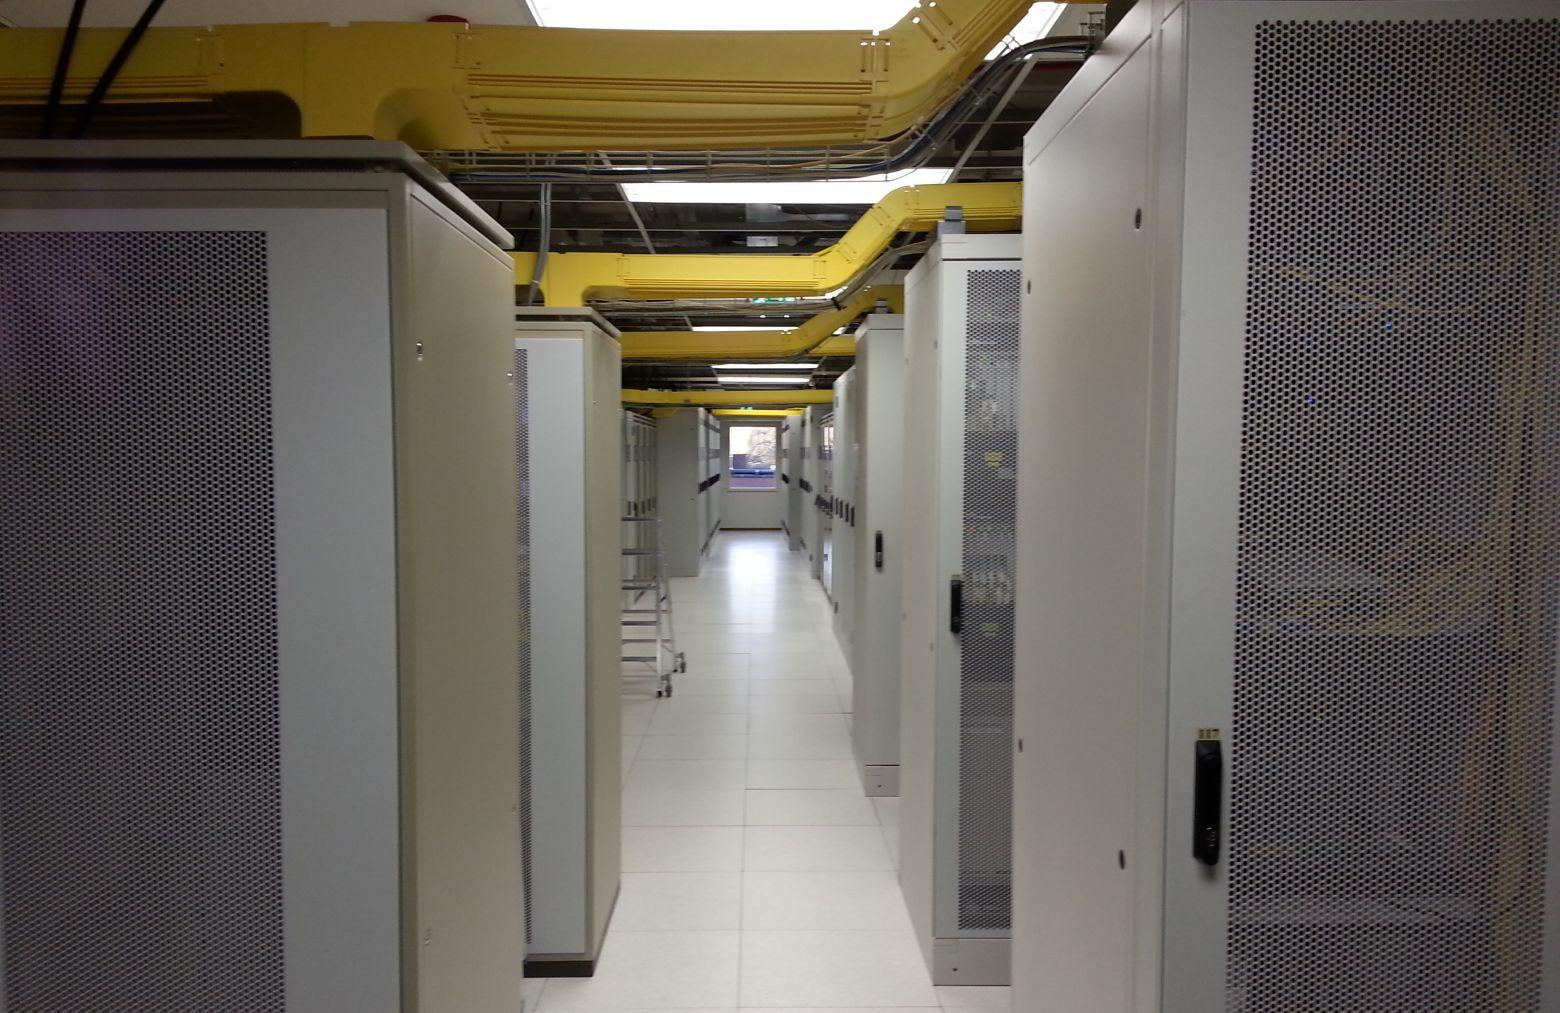 Дата-центр возле Амстердама называют «выгребной ямой интернета», но он продолжает работу - 1